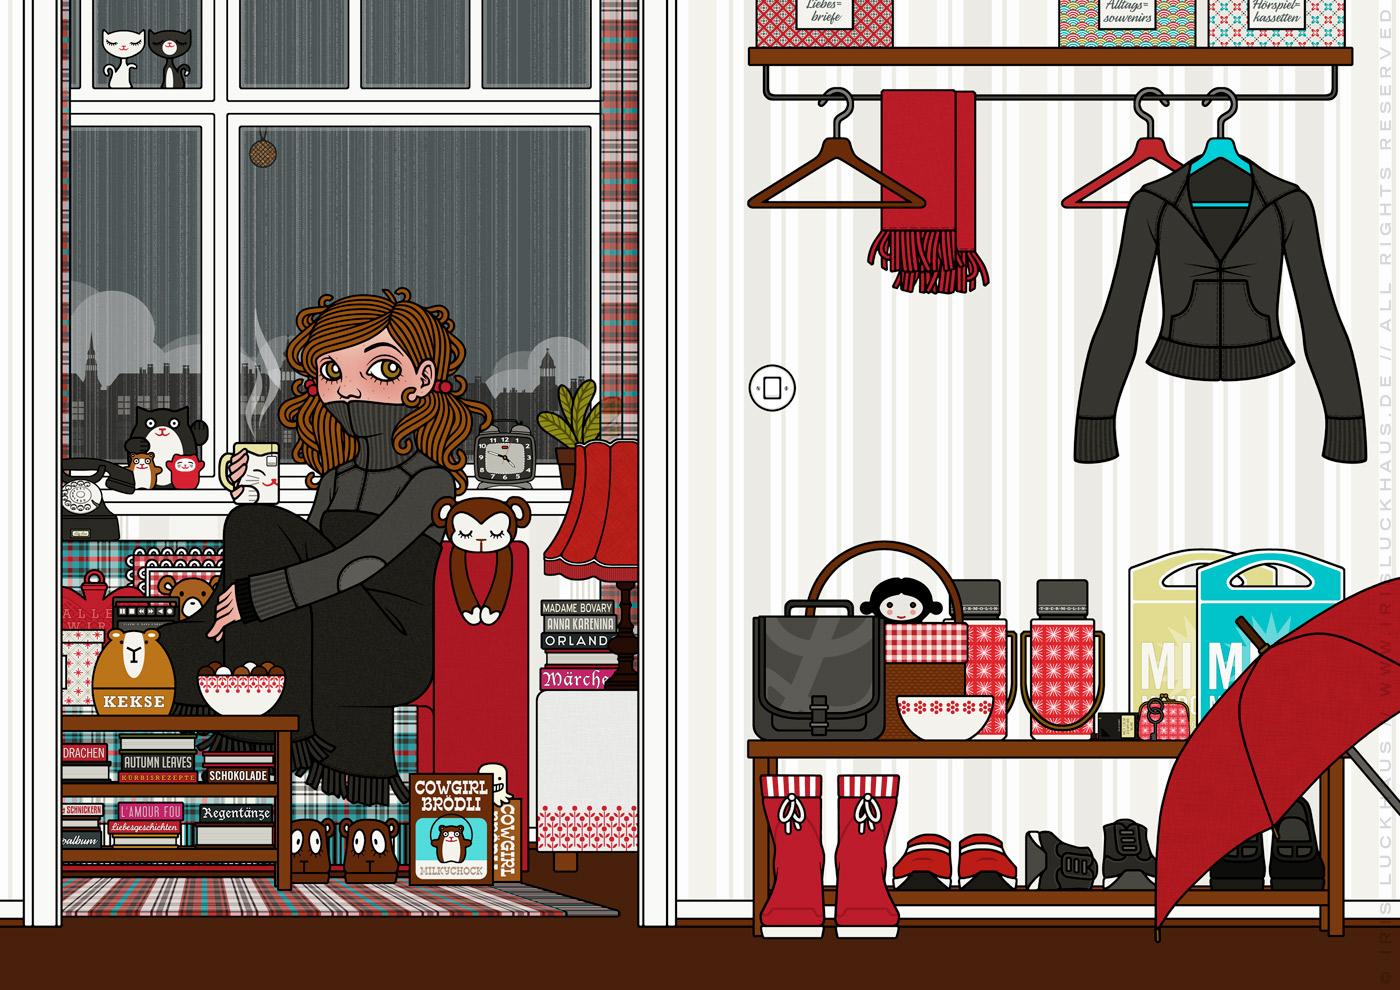 Zeichnung von einem Mädchen bei Ihrer Zuflucht vor Weltschmerz, auf dem Sofa mit Tee, Hörspiel, Strickjacke und Wolldecke, für Lily Lux von Iris Luckhaus